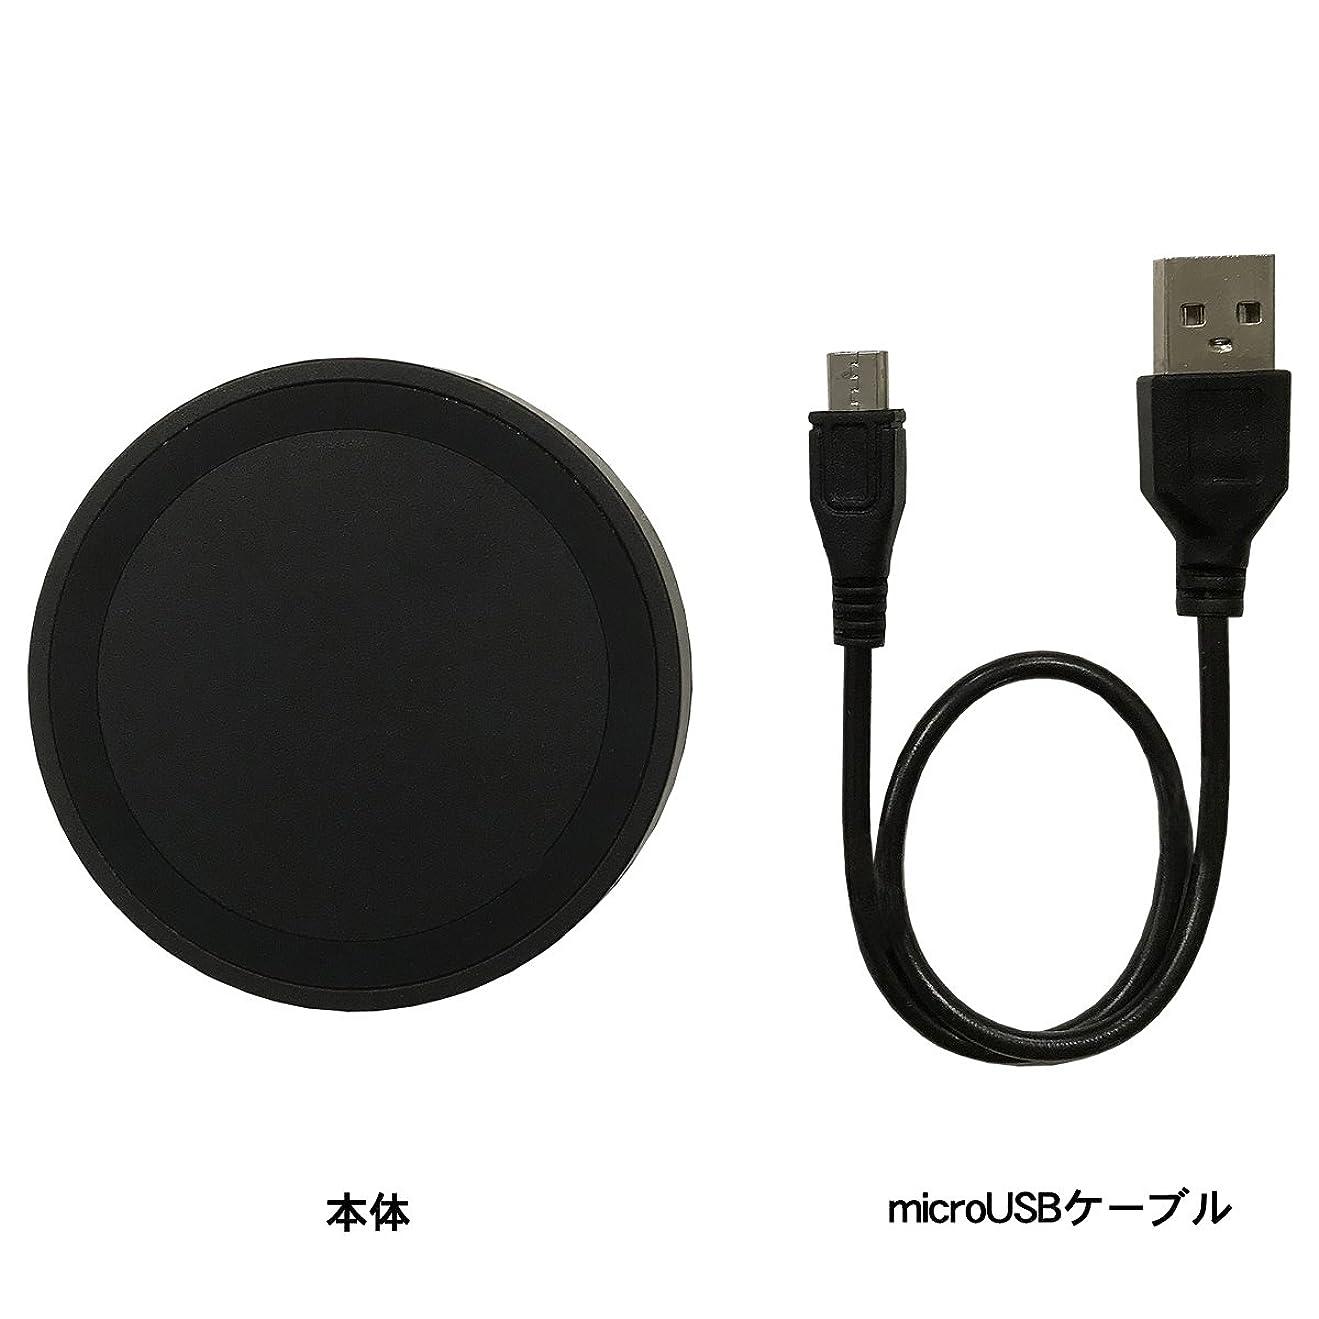 思われるまさに後者Qi規格対応 充電器 ワイヤレスチャージャー 無線充電器 iPhone8/8Plus/X対応 (ミニ)